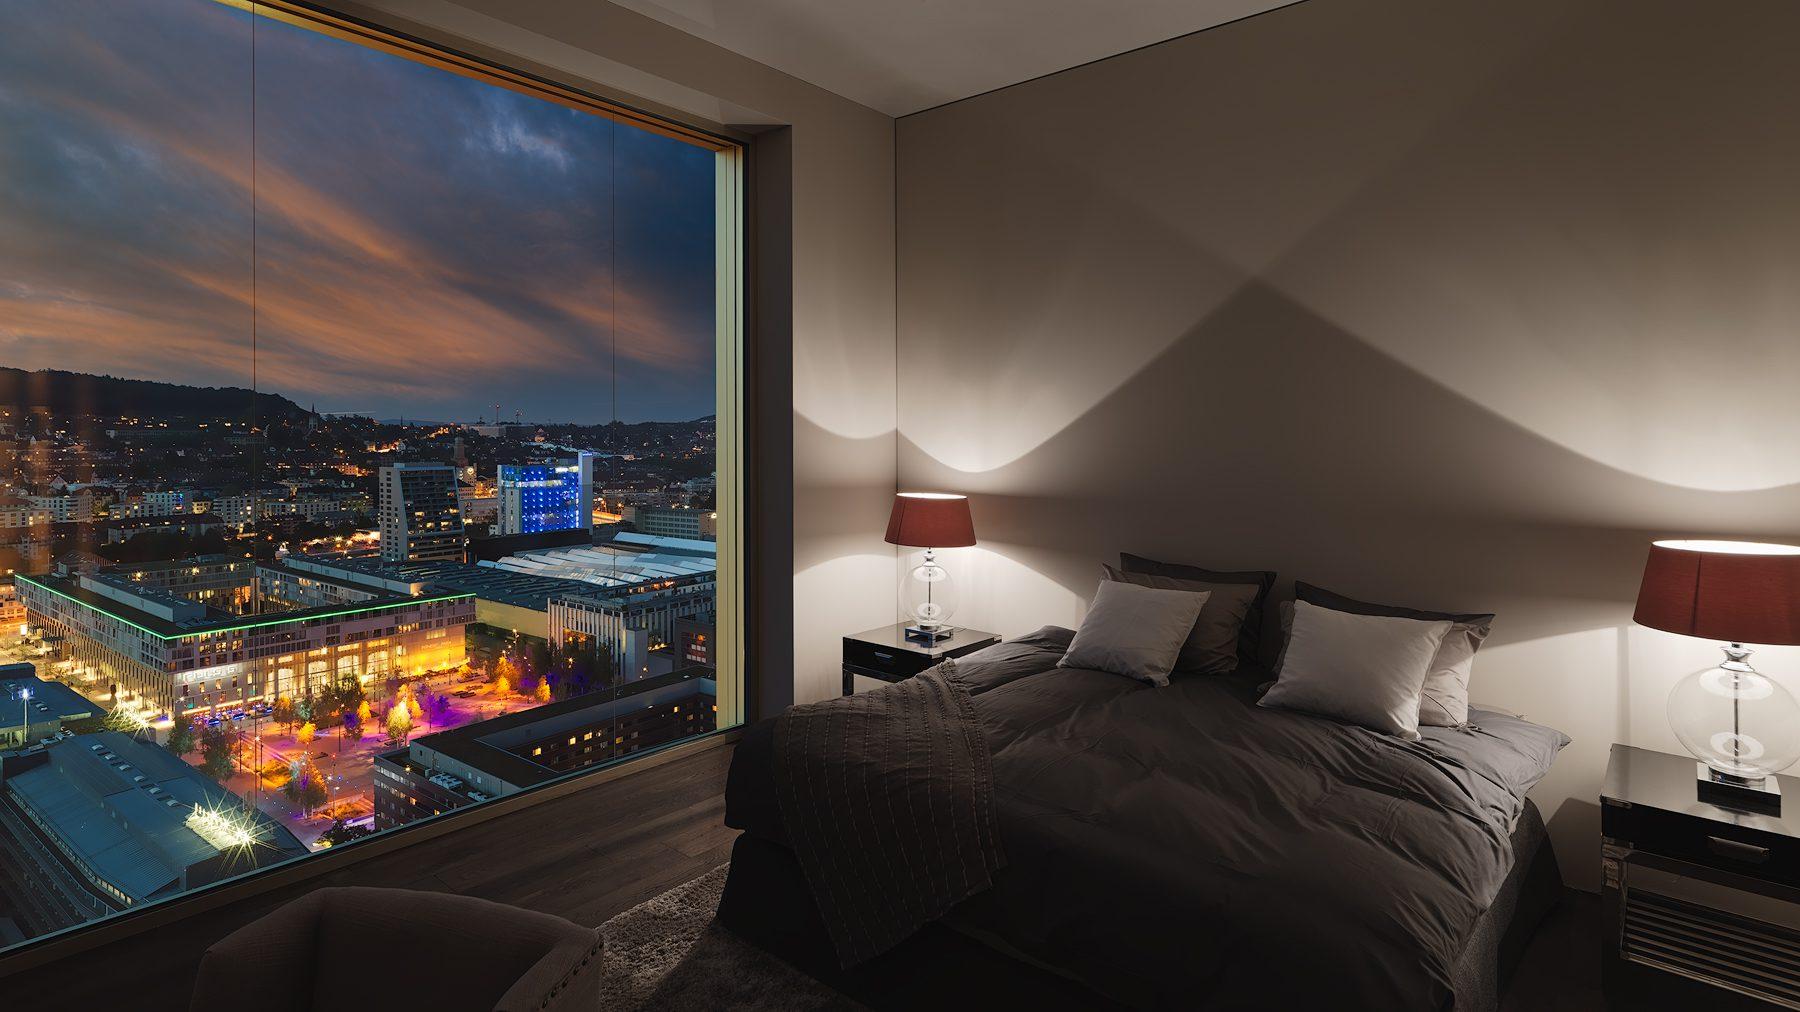 Interior Photography - Innenarchitektur - Masterbedroom mit Aussicht auf das Nachtleben von Zürich